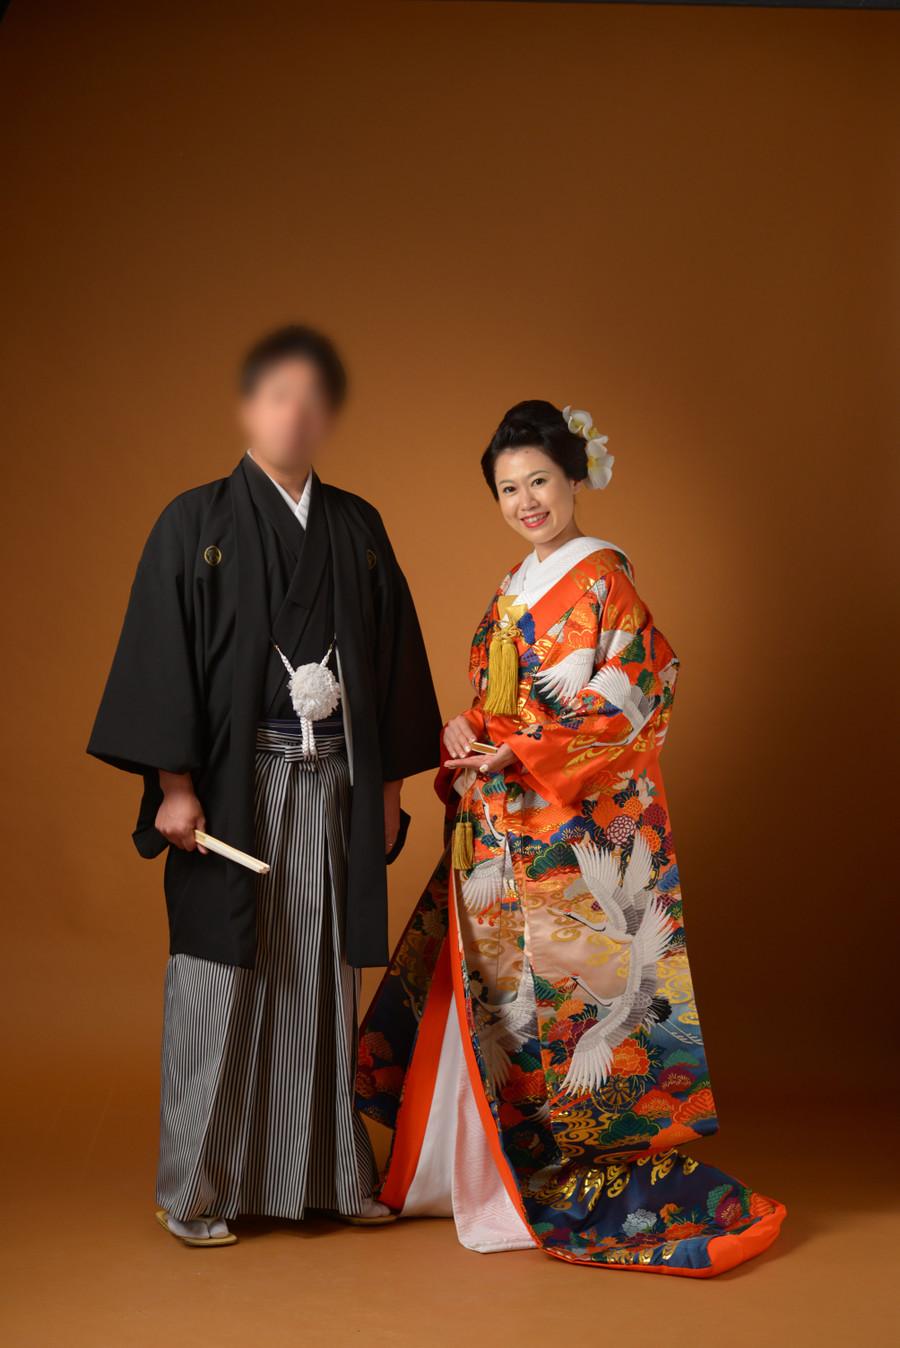 和装 色打掛け 紋付袴 スタジオ